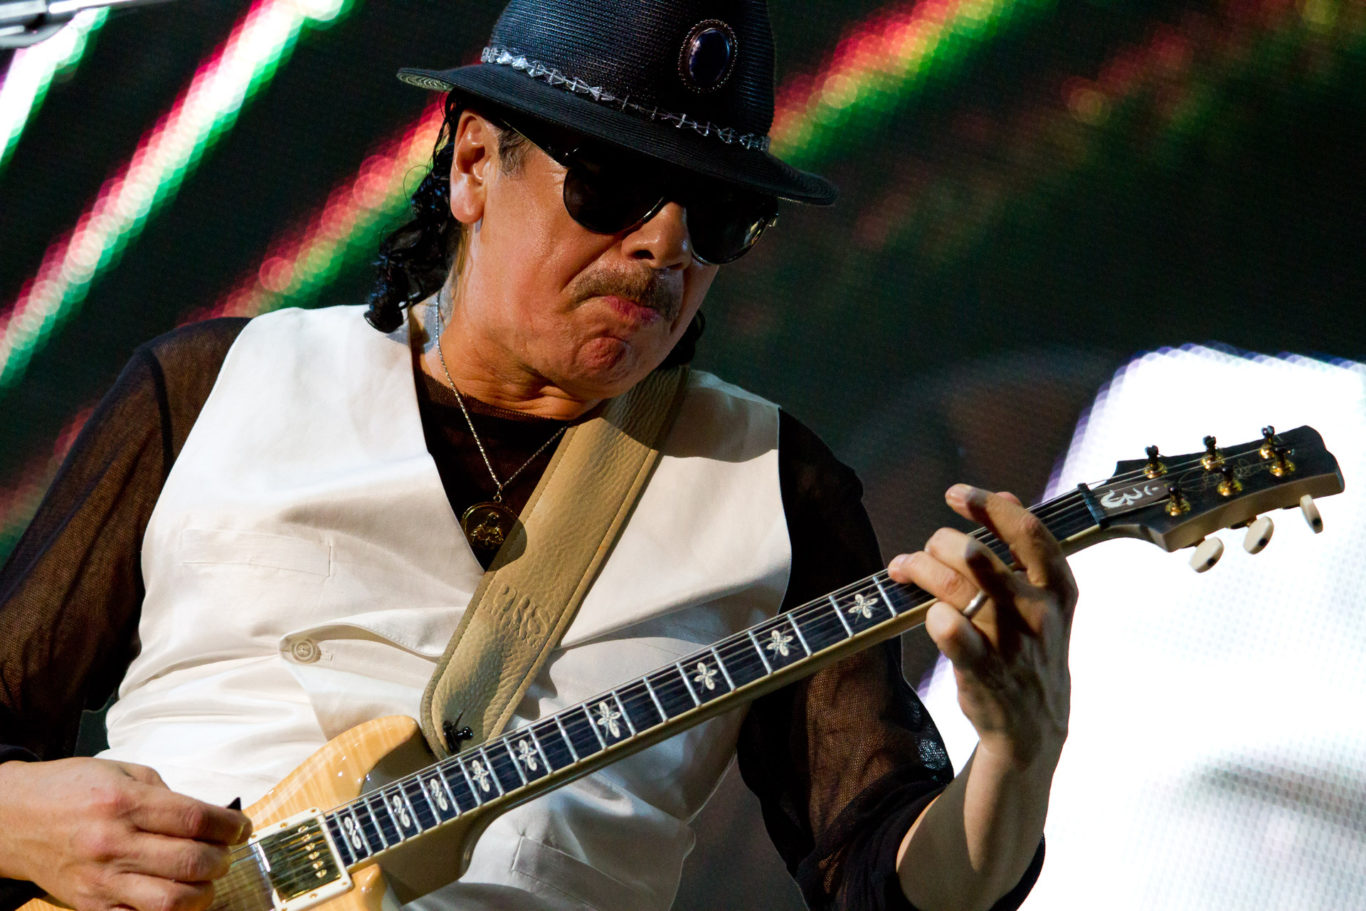 """Santana - Umbria Jazz 2011 - Allo stadio Santa Giuliana per la quinta serata del festival si esibisce sul palco la leggenda vivente della chitarra Carlos Santana. Presenta sul palco il suo nuovo lavoro in studio: """"Guitar heaven: the greatest guitar classics o all time"""". Una versione propria dei migliori brani della musica rock che hanno fatto la storia."""